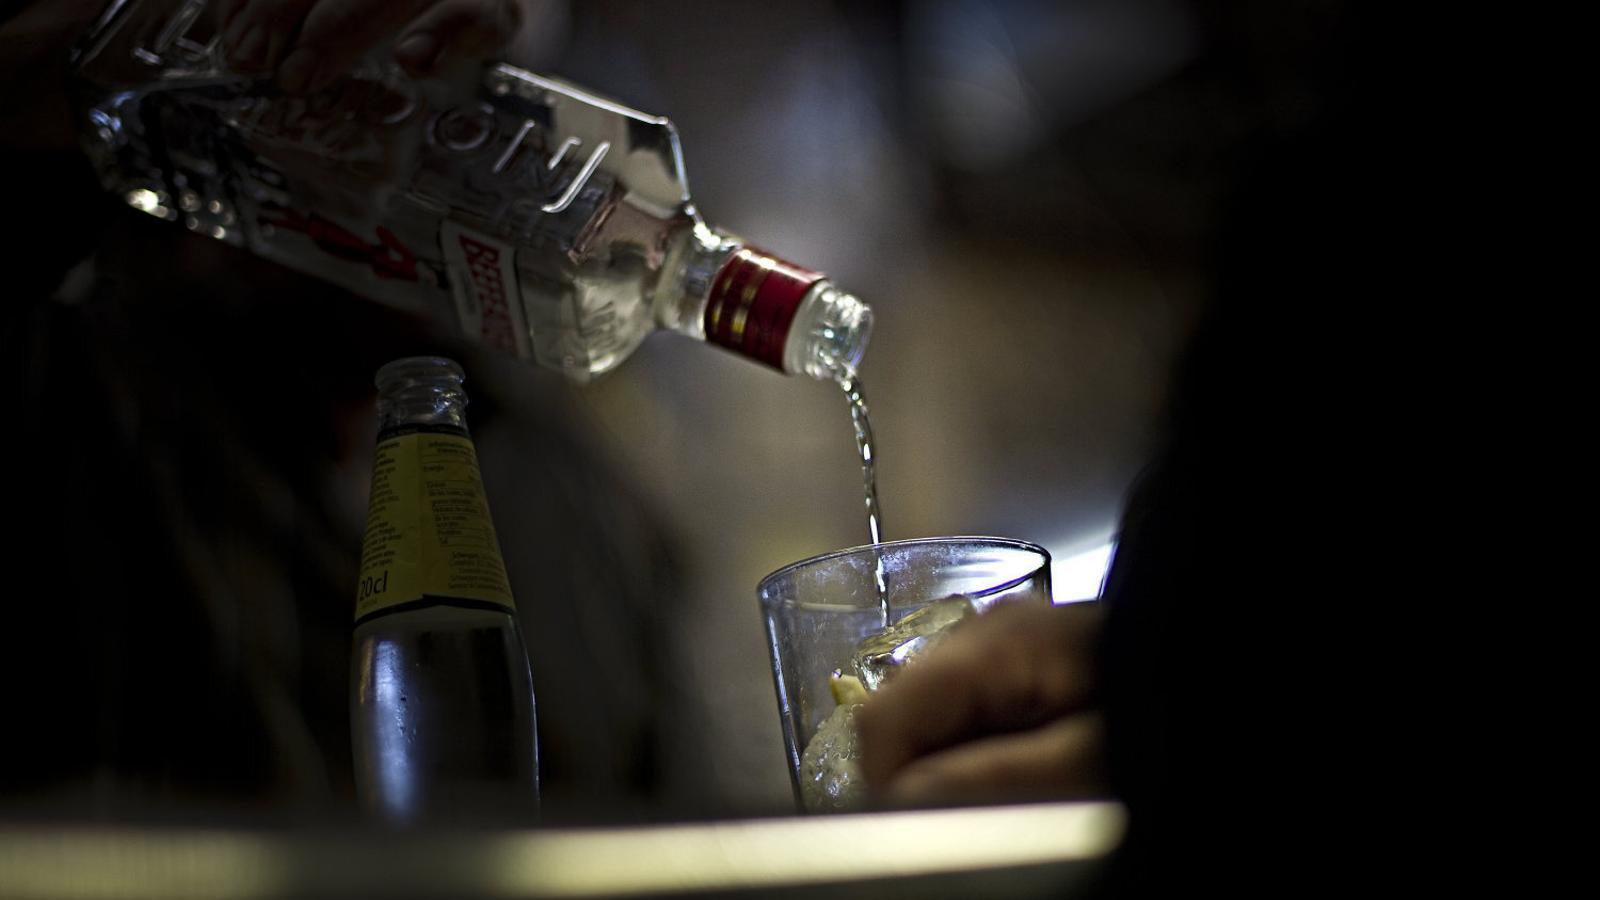 El Govern va prohibir les botellades a tots els espais públics de les Balears com ara carrers, parcs, places i aparcaments.